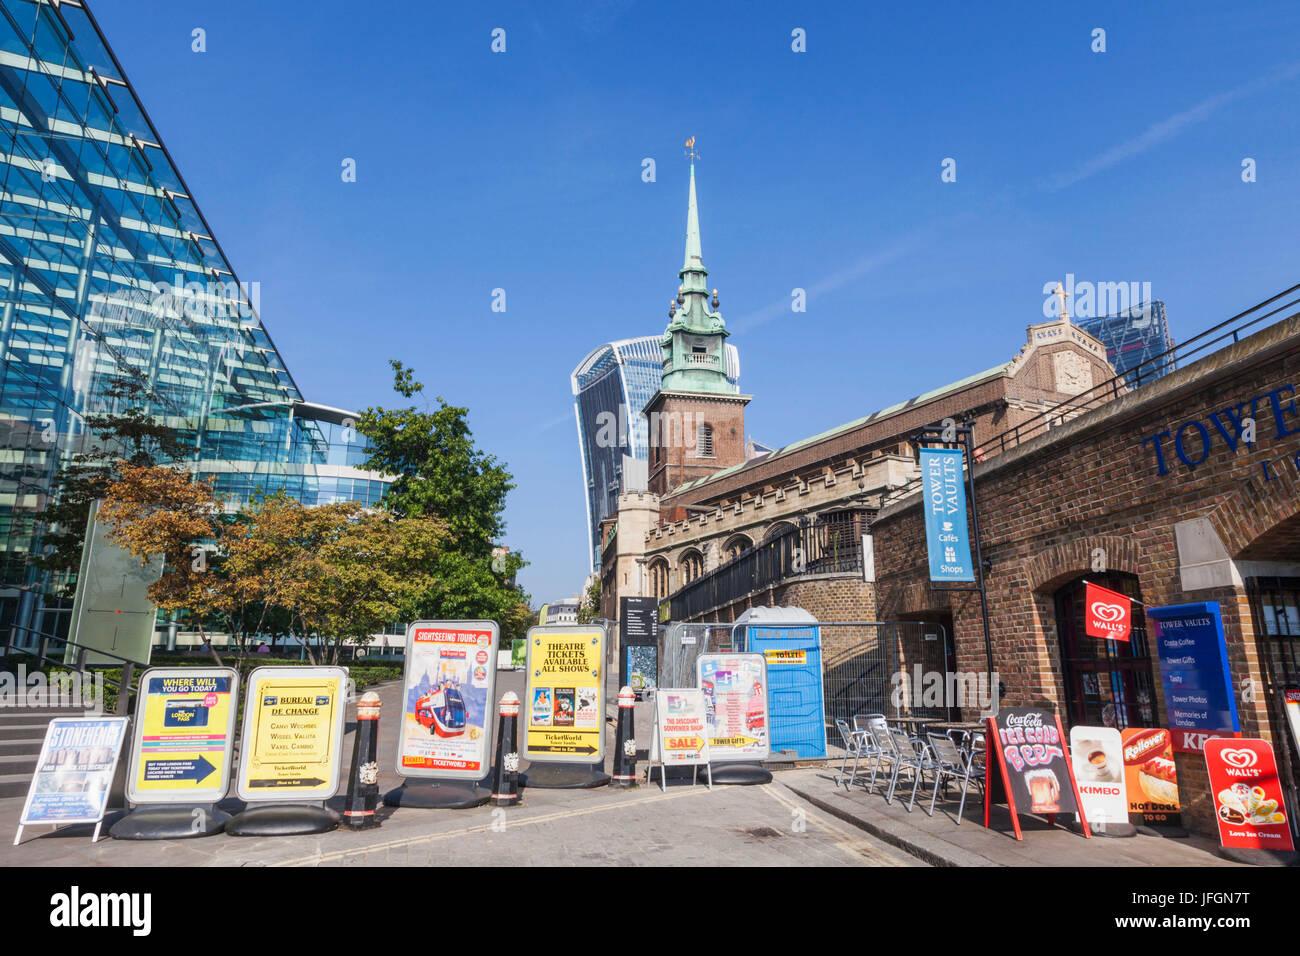 Inglaterra, Londres, vallas publicitarias bloqueando la senda Imagen De Stock